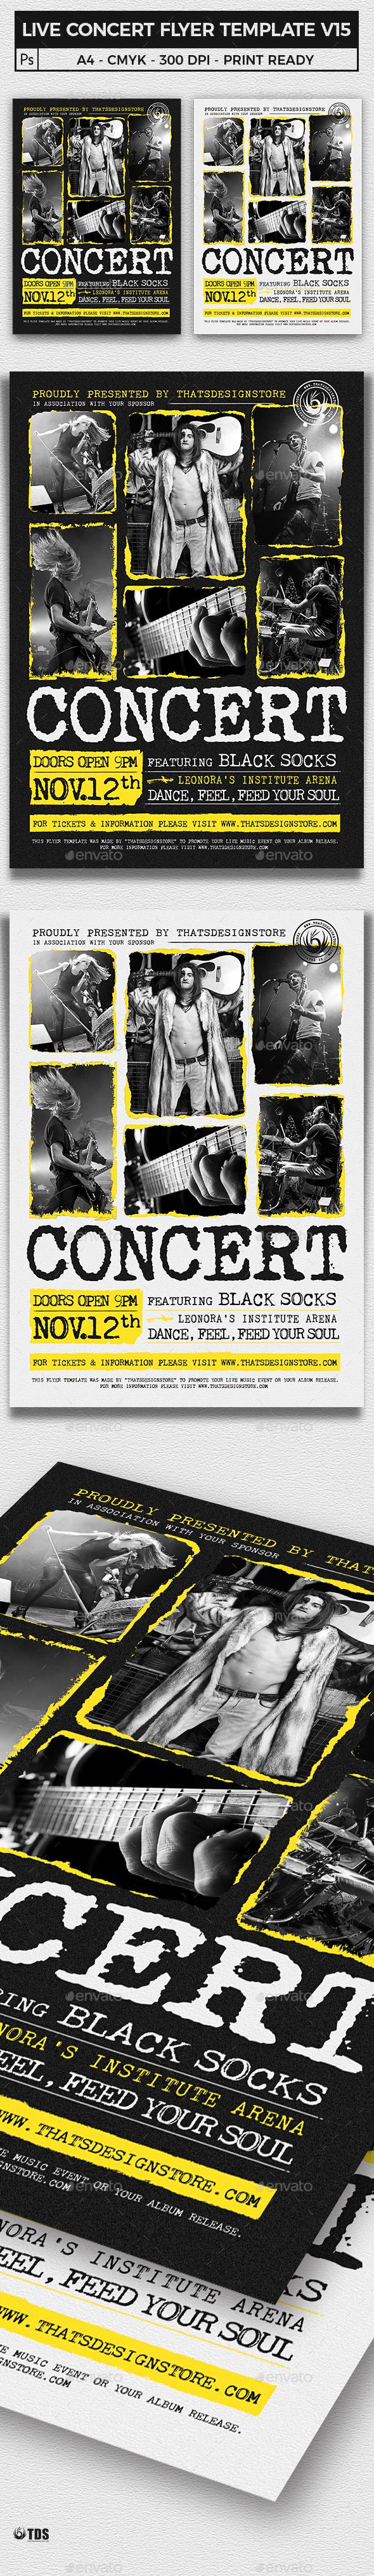 Live Concert Flyer Template V15 - Concerts Events